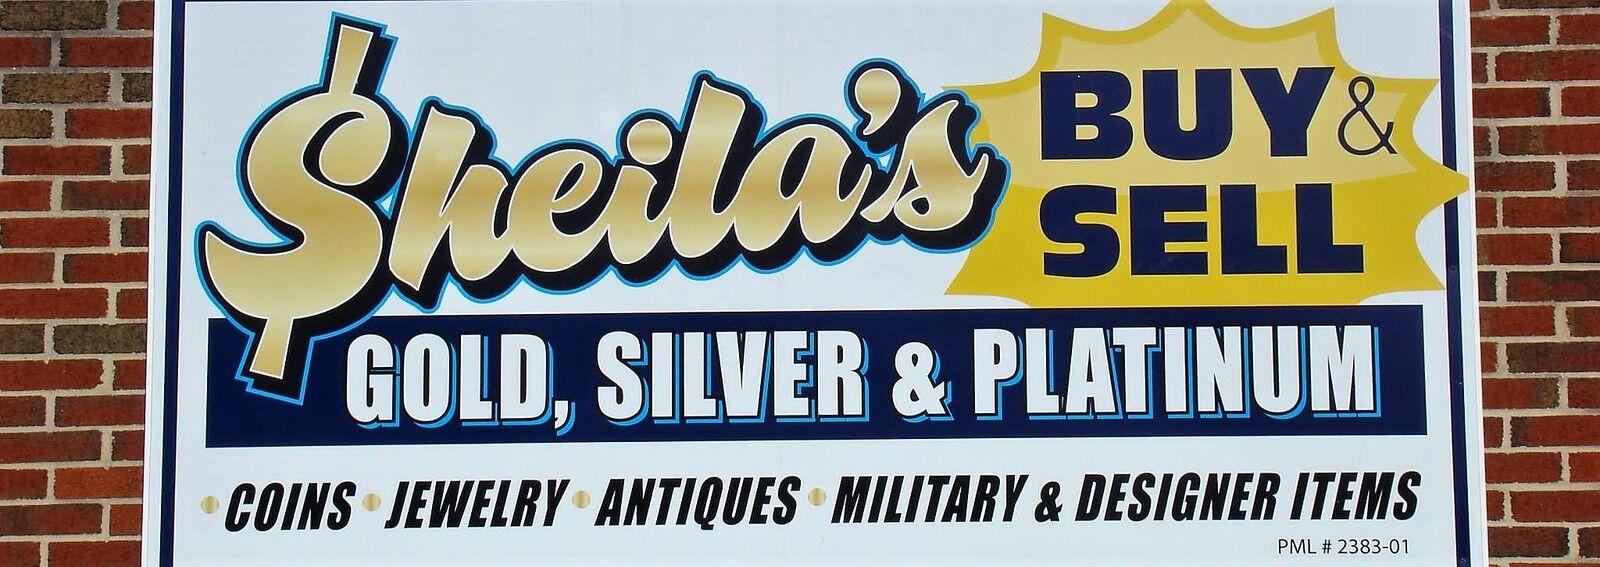 Sheila's Jewelry & Loan